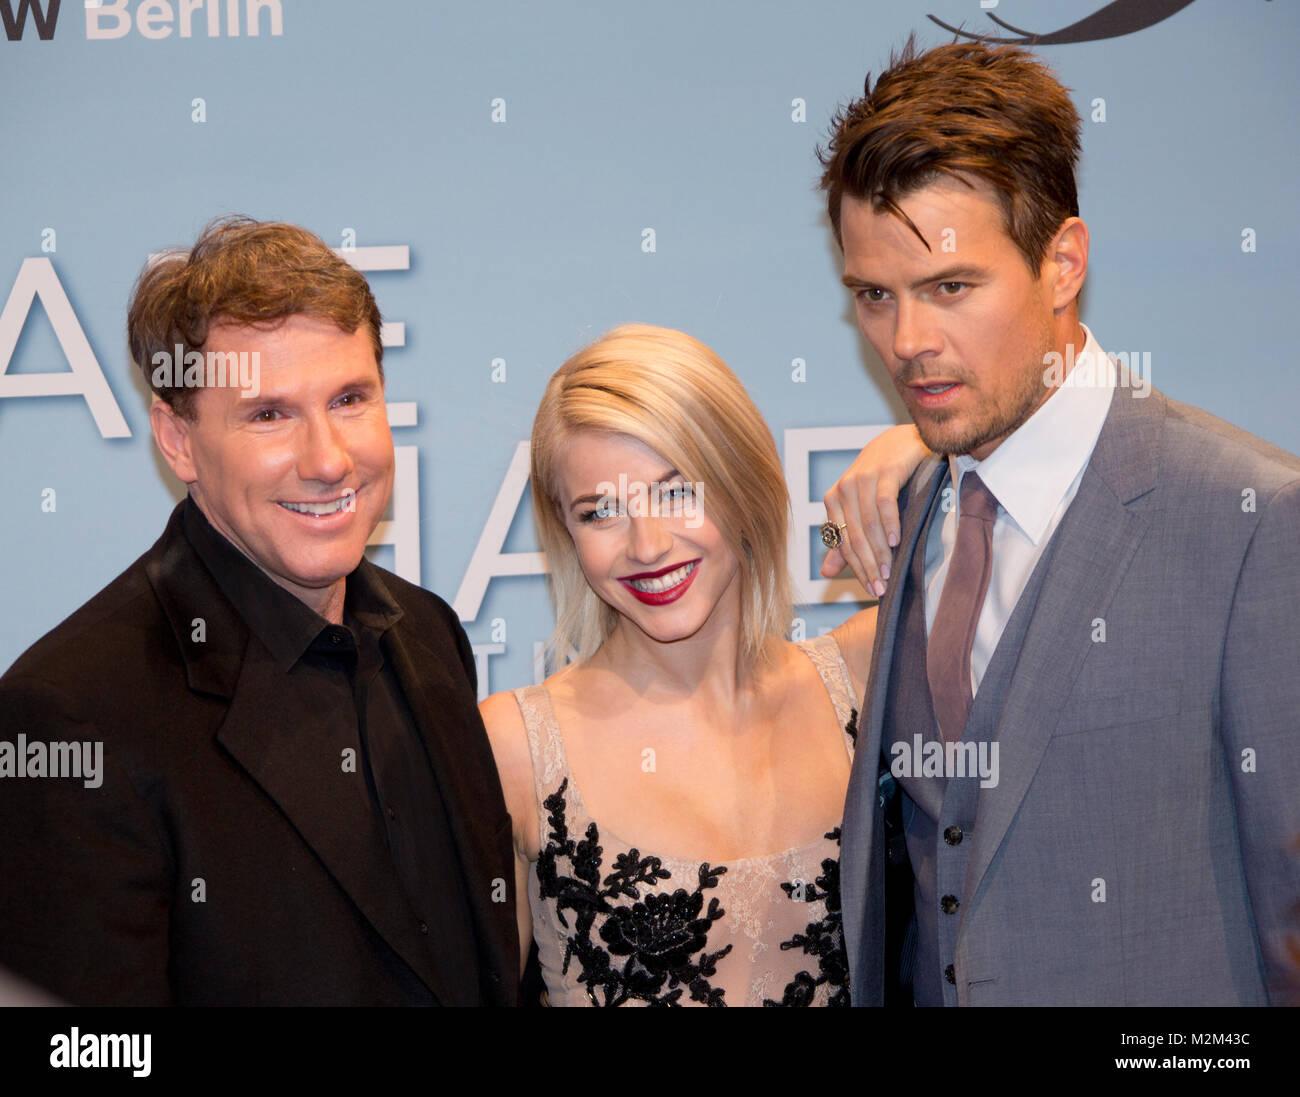 Romanautor und Produzent Nicholas Sparks und die Hauptdarsteller Julianne Hough sowie Josh Duhamel auf dem Roten - Stock Image